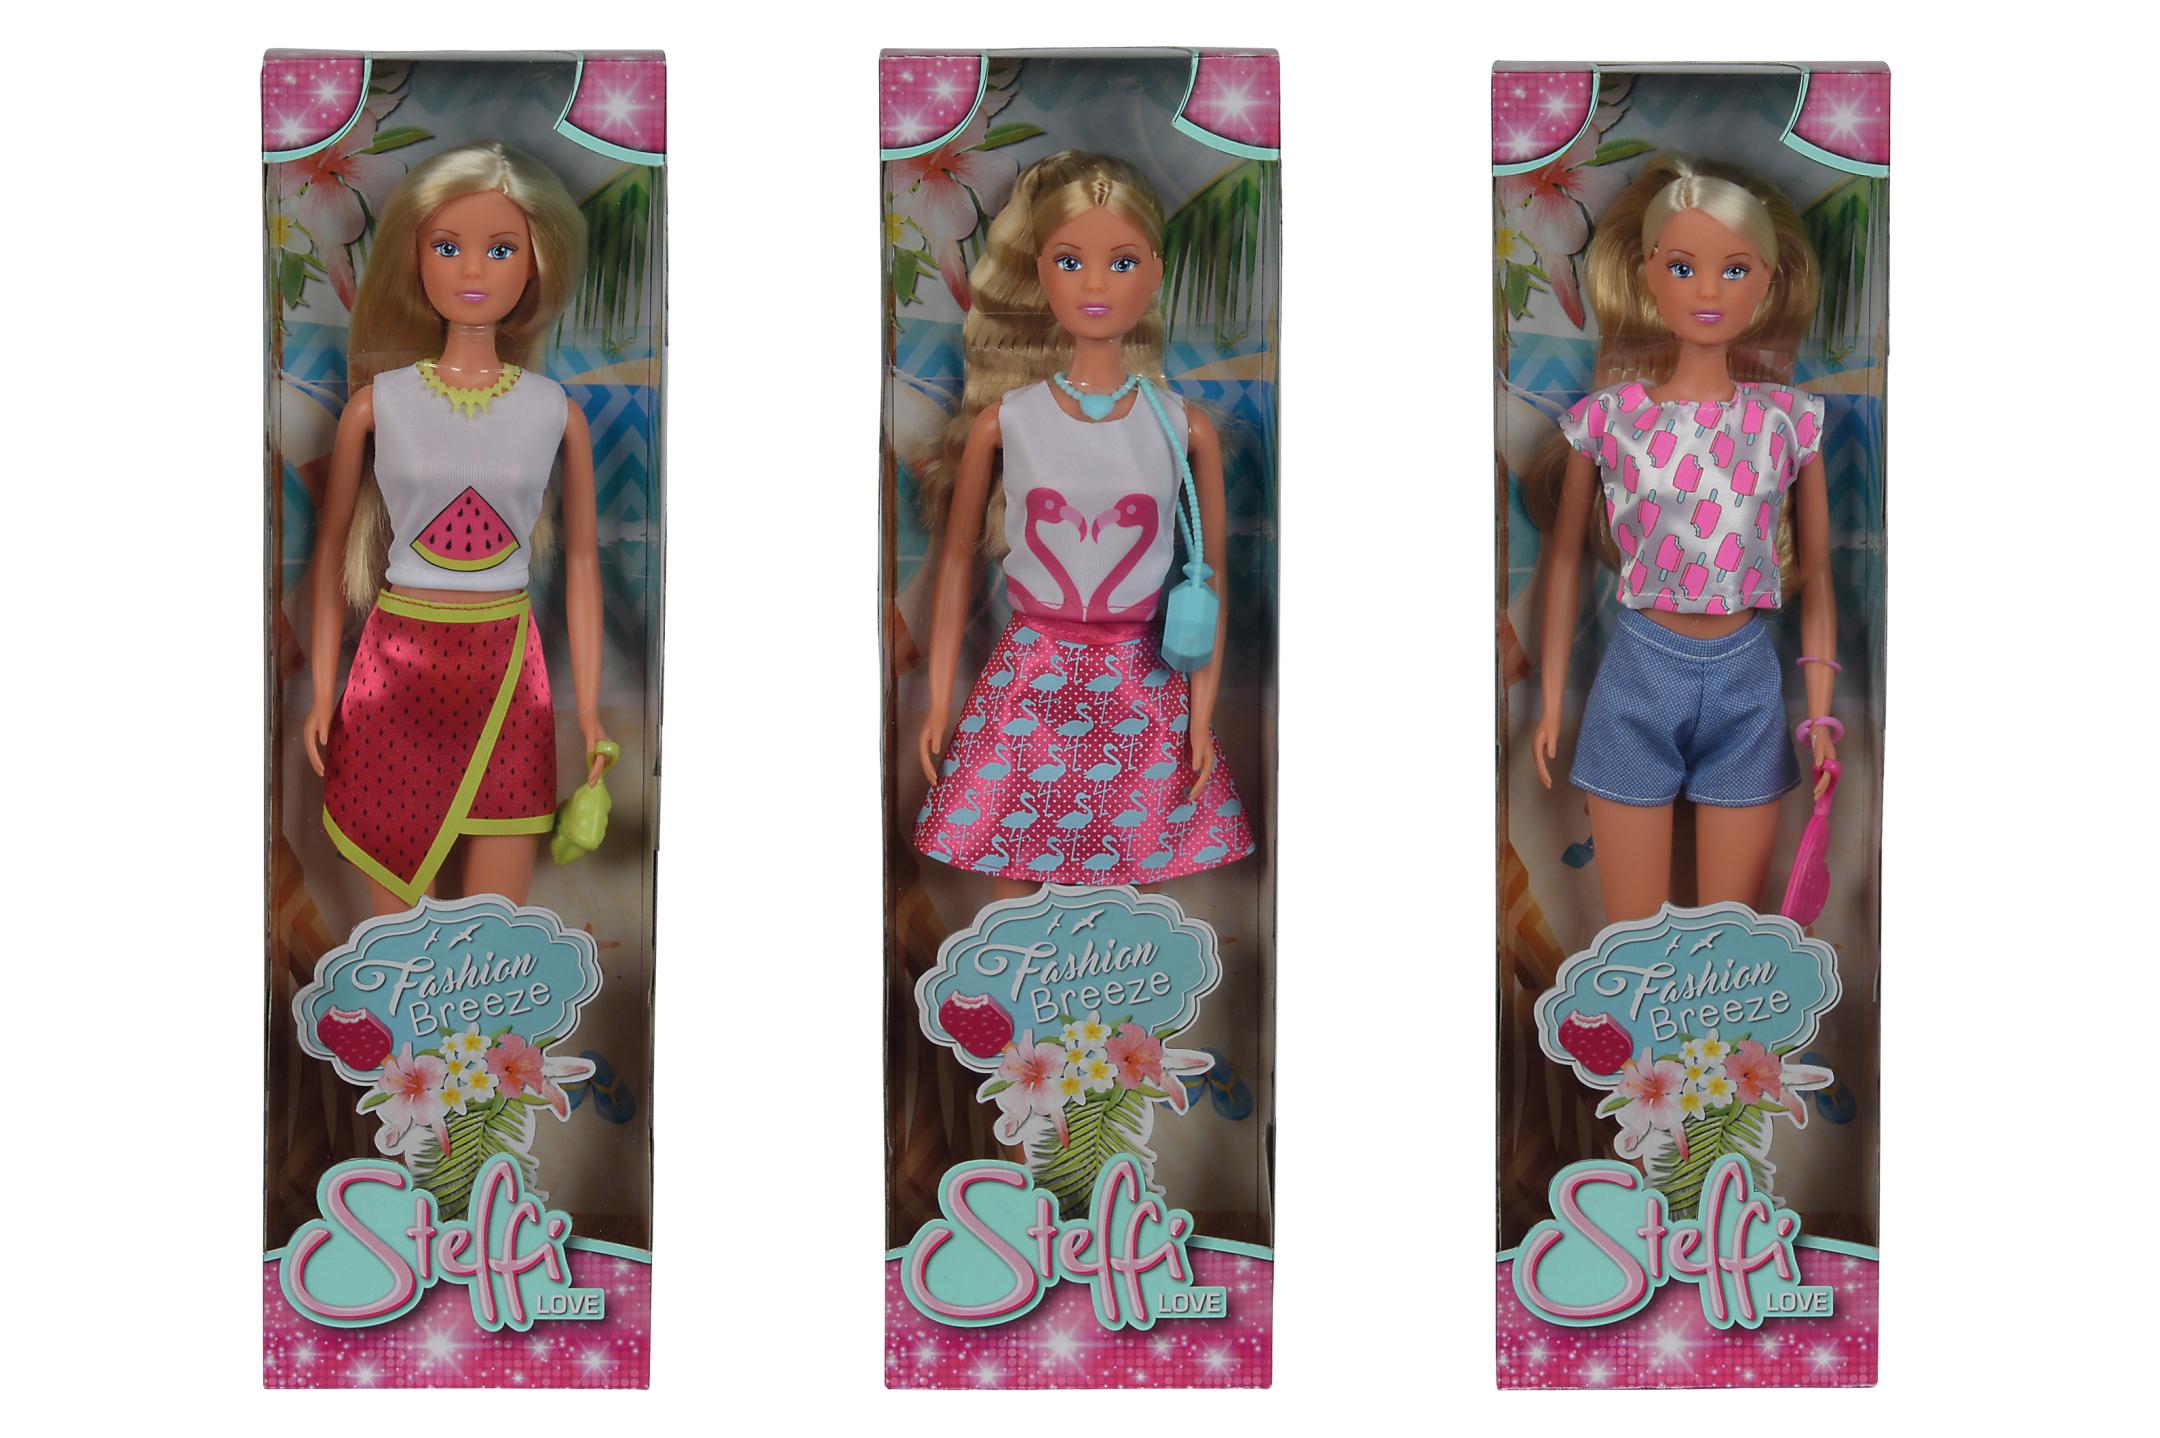 Steffi Love Sommerkleidung 29cm